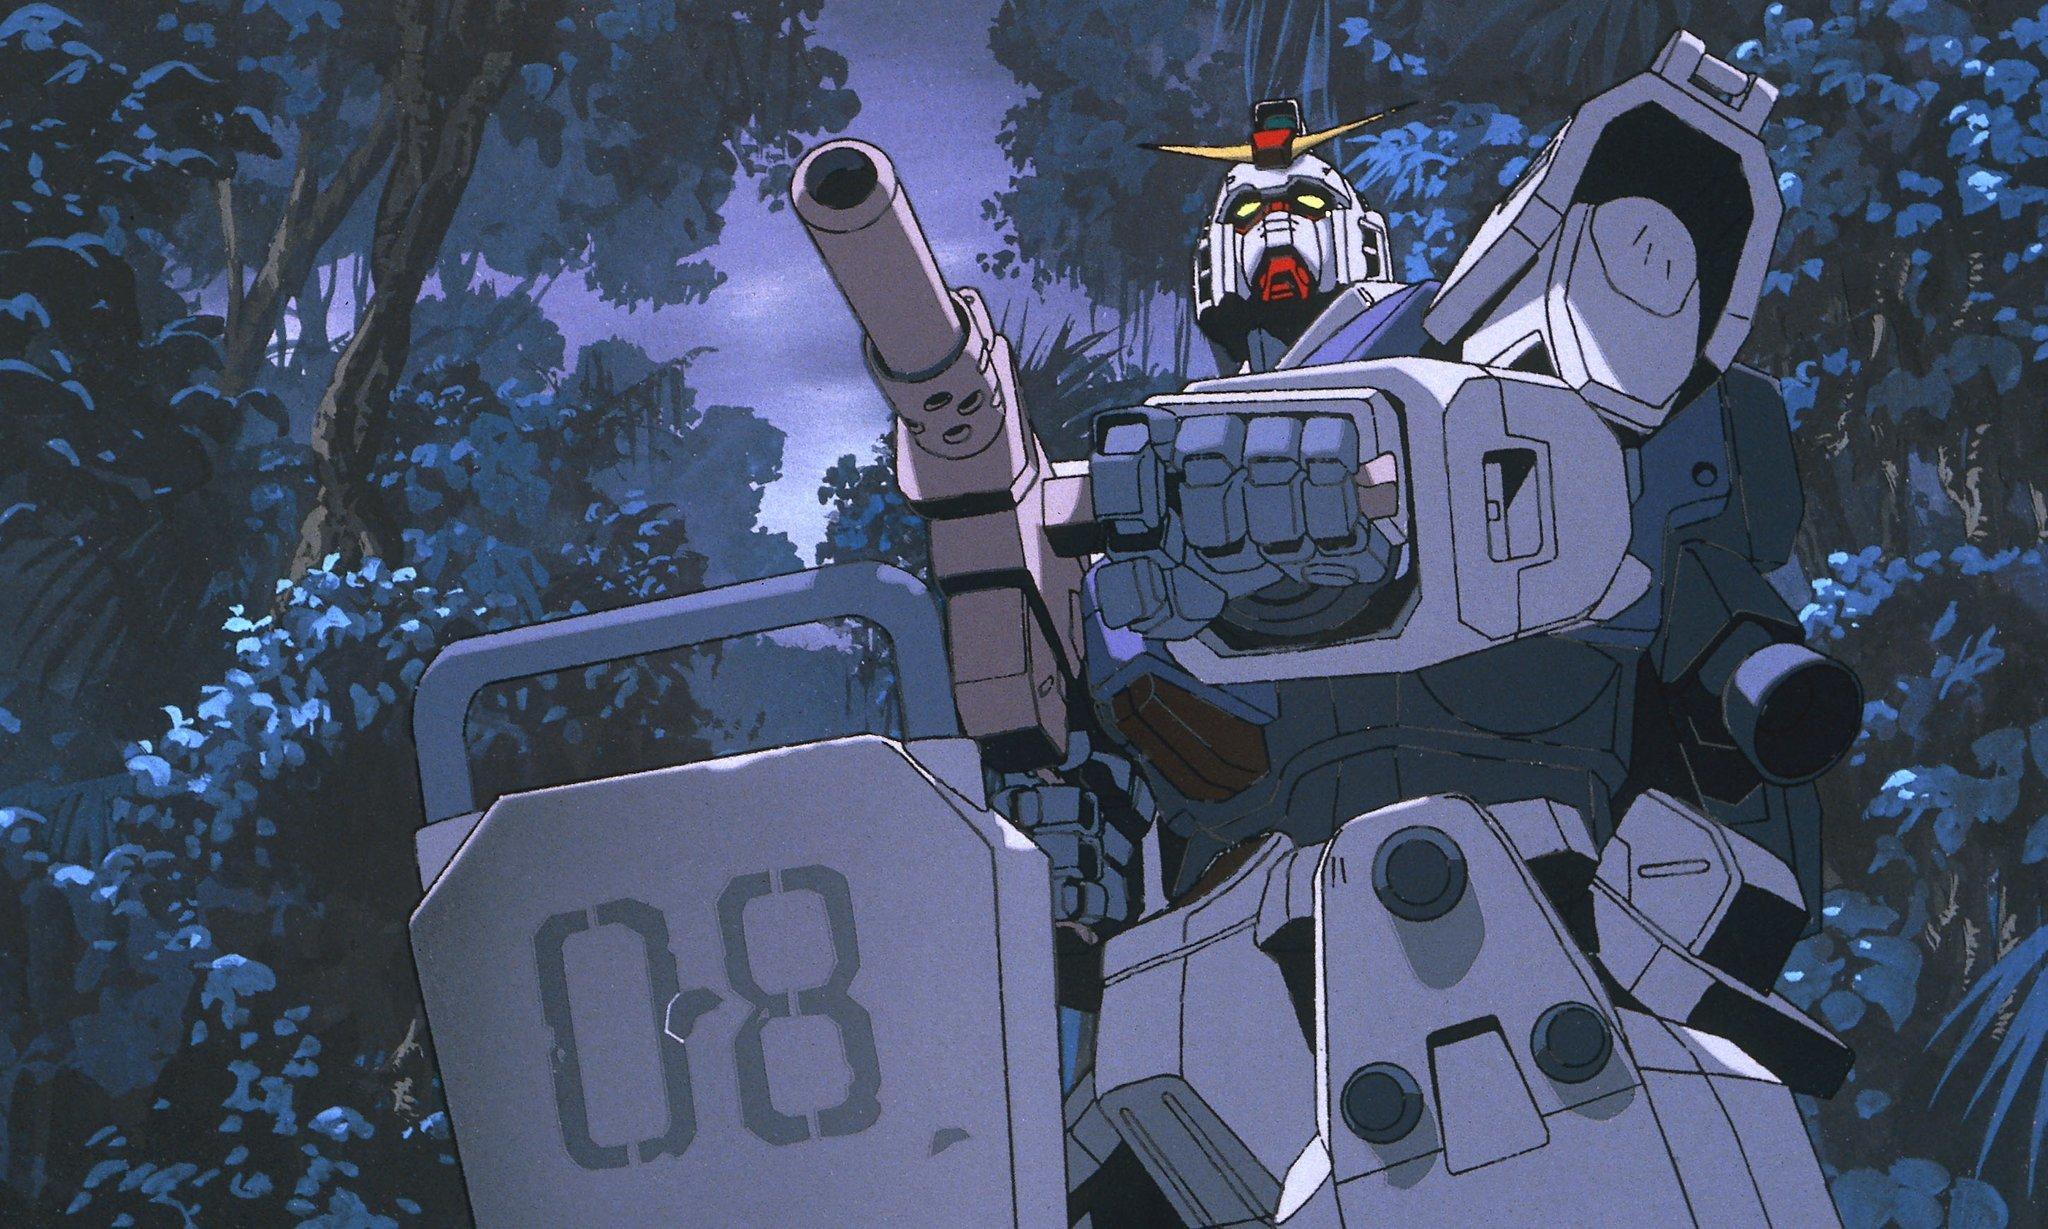 機動戦士ガンダム 第08MS小隊 劇場版「ミラーズ・リポート」 期間限定劇場再上映情報!_a0114206_17574947.jpeg